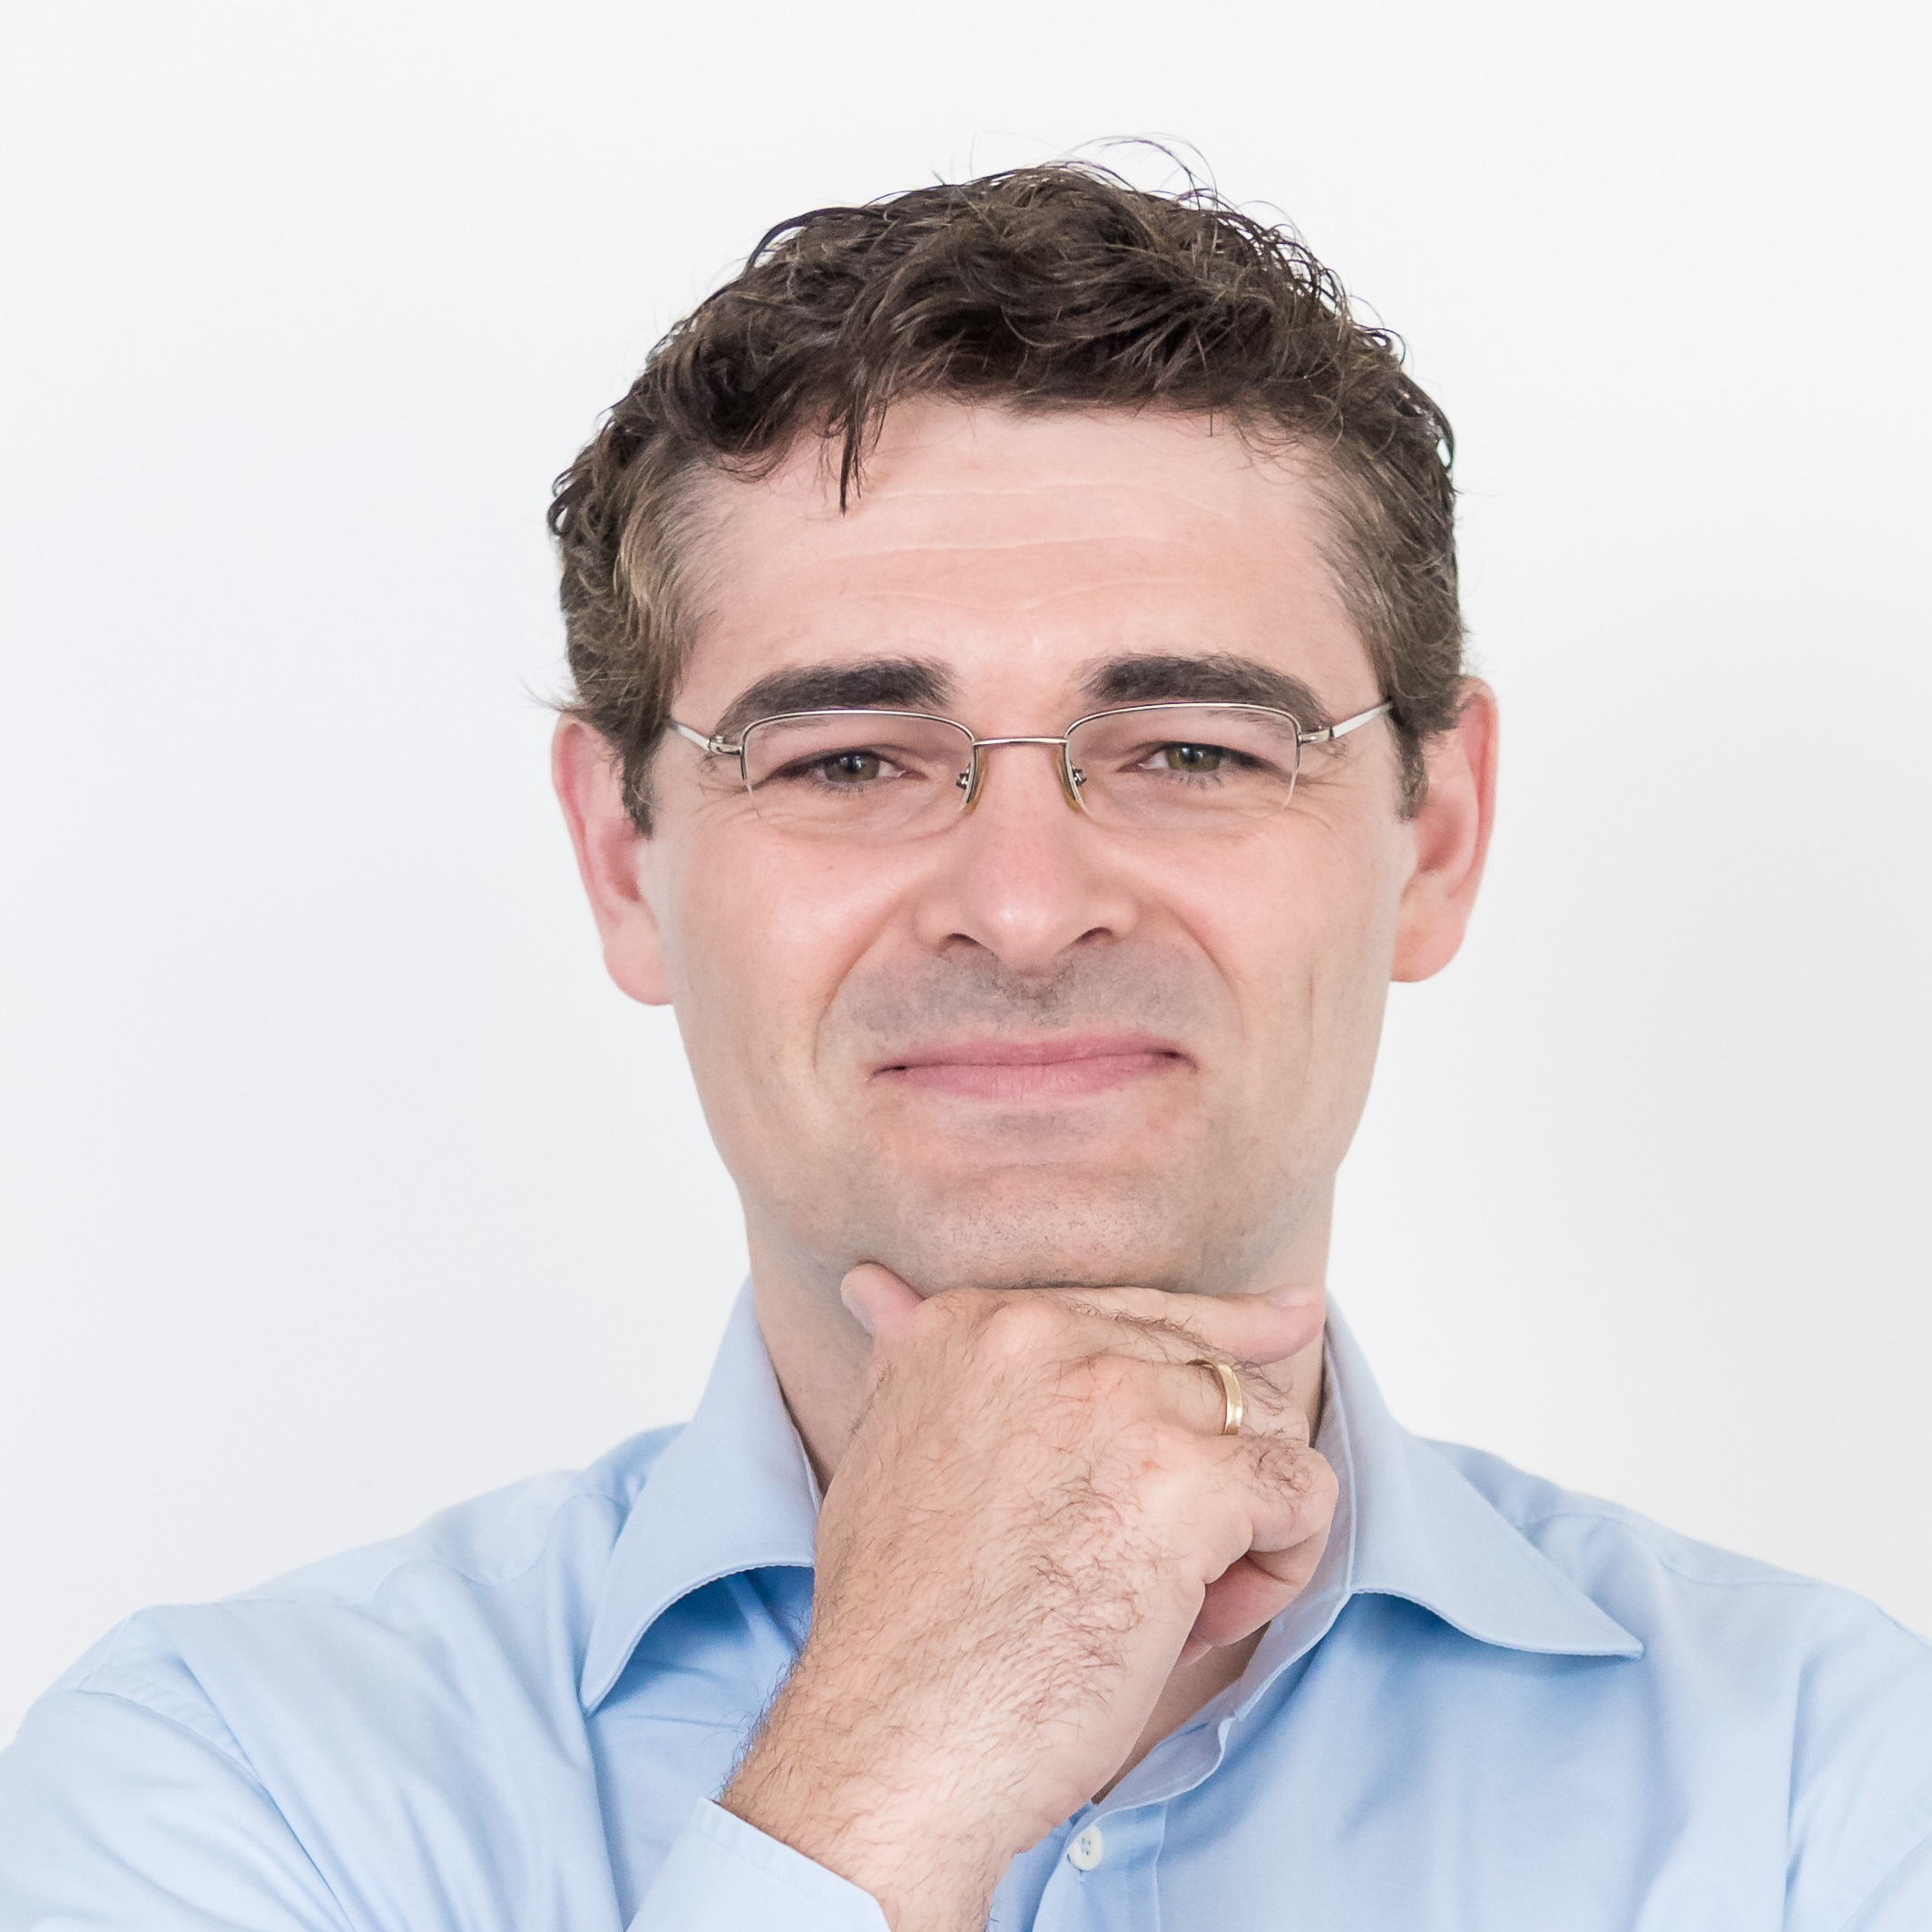 Mein Vorsorgemanagement - Versicherungsmakler Michael Schreiber, Basler Straße in Freiburg im Breisgau